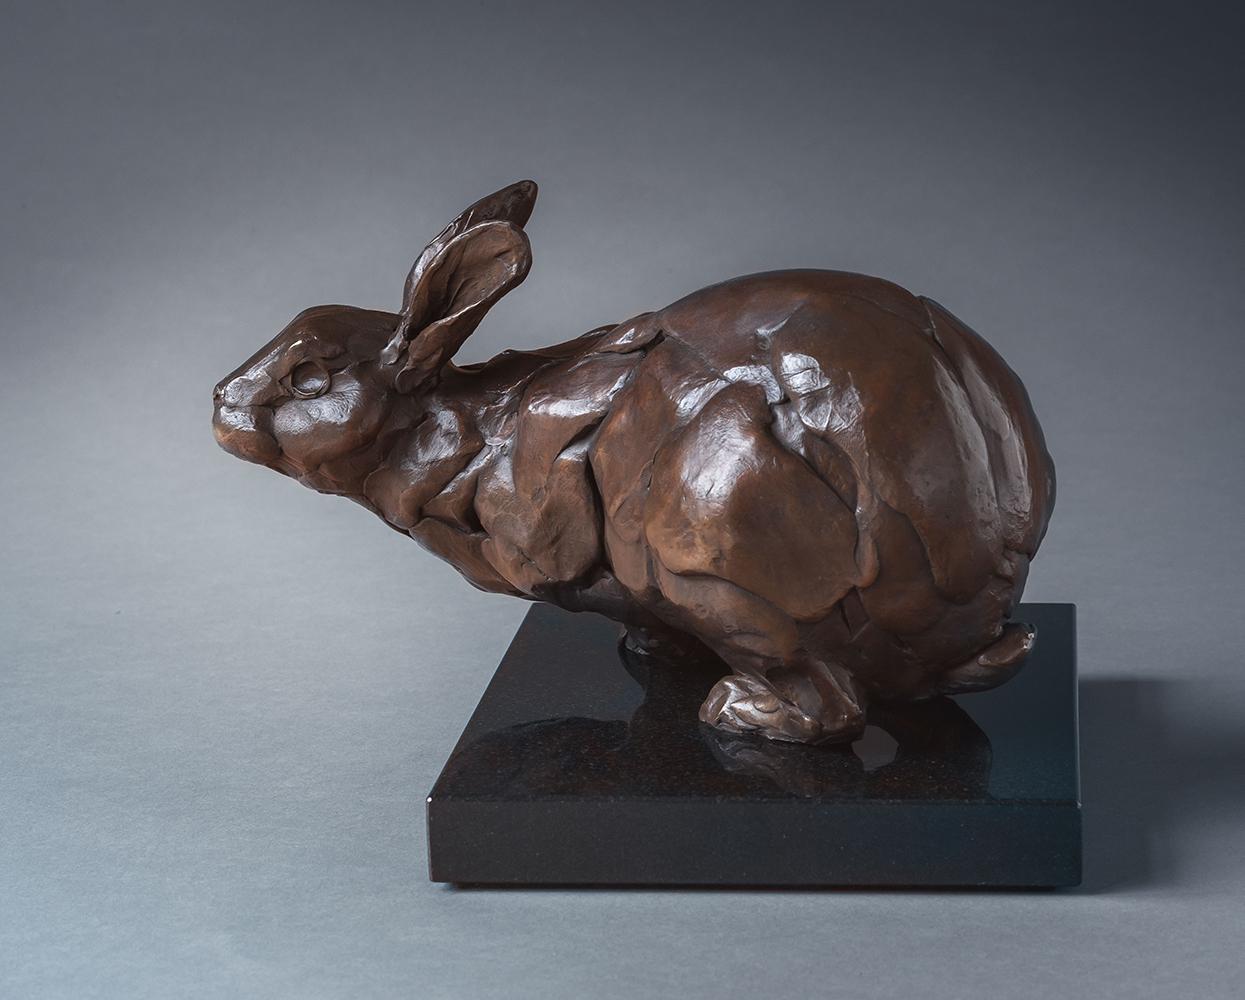 bart_walter_bw1024_dwarf_dutch_bunny.jpg